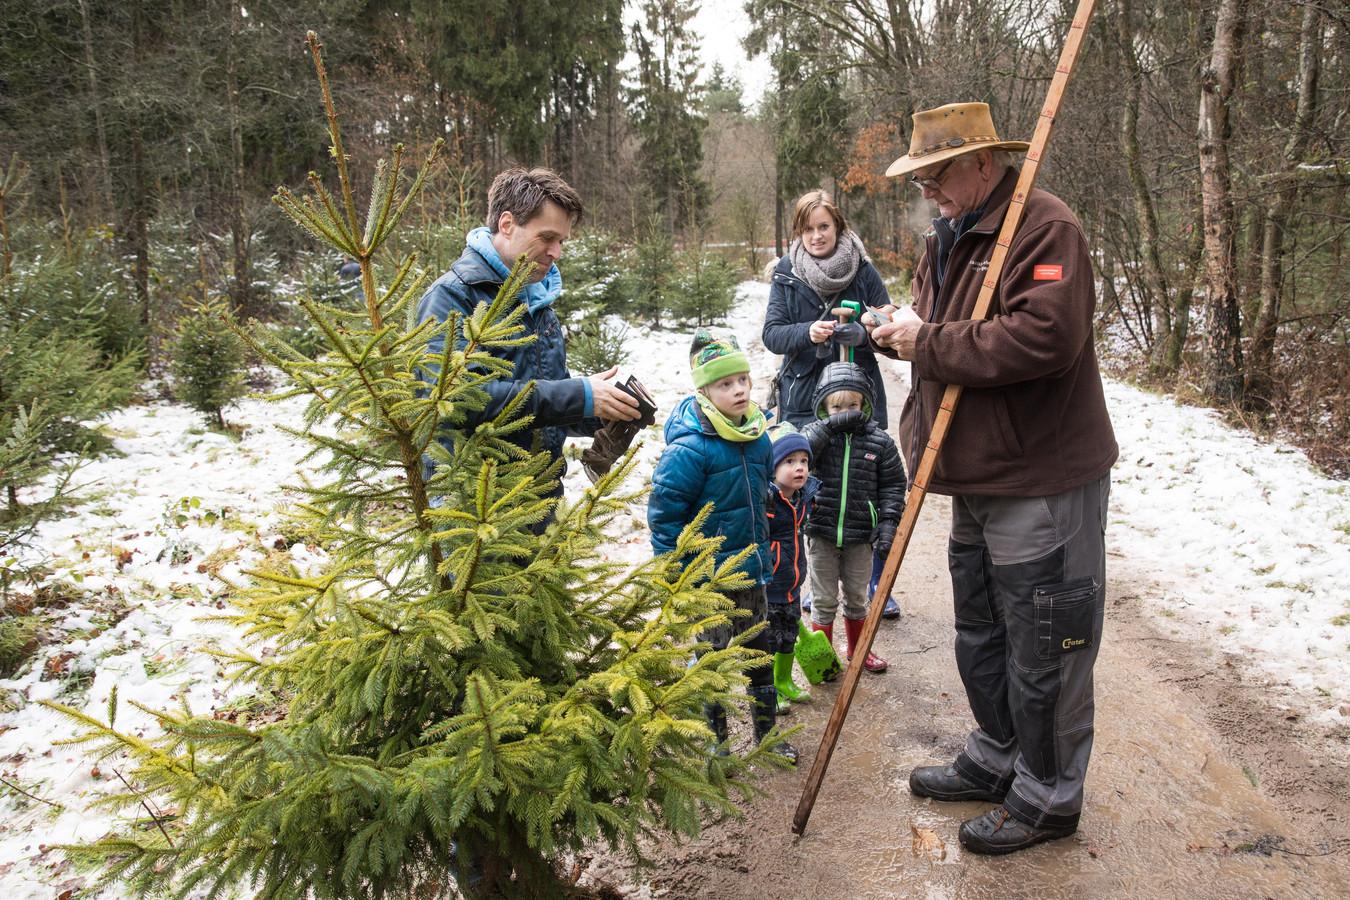 Kerstboom Kopen Baarn.Run Op Kerstbomen Uit Het Bos Amersfoort Ad Nl